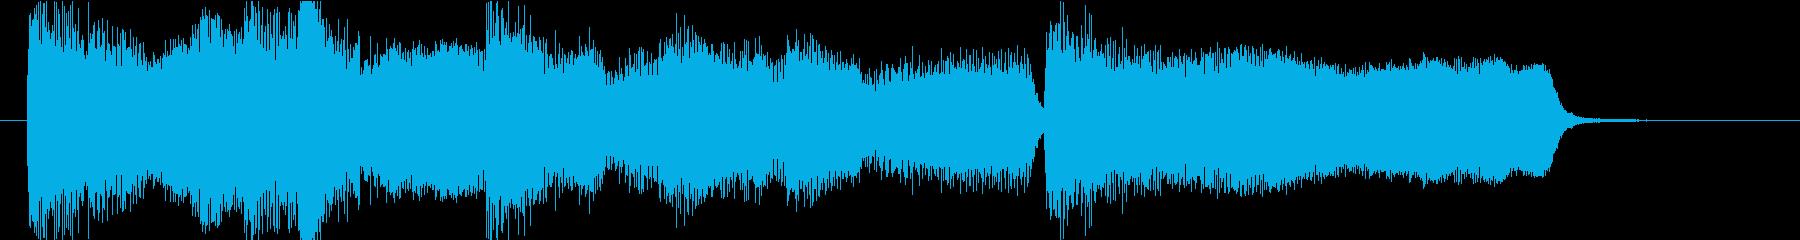 15秒CMの20 安らぎの金管とピアノの再生済みの波形